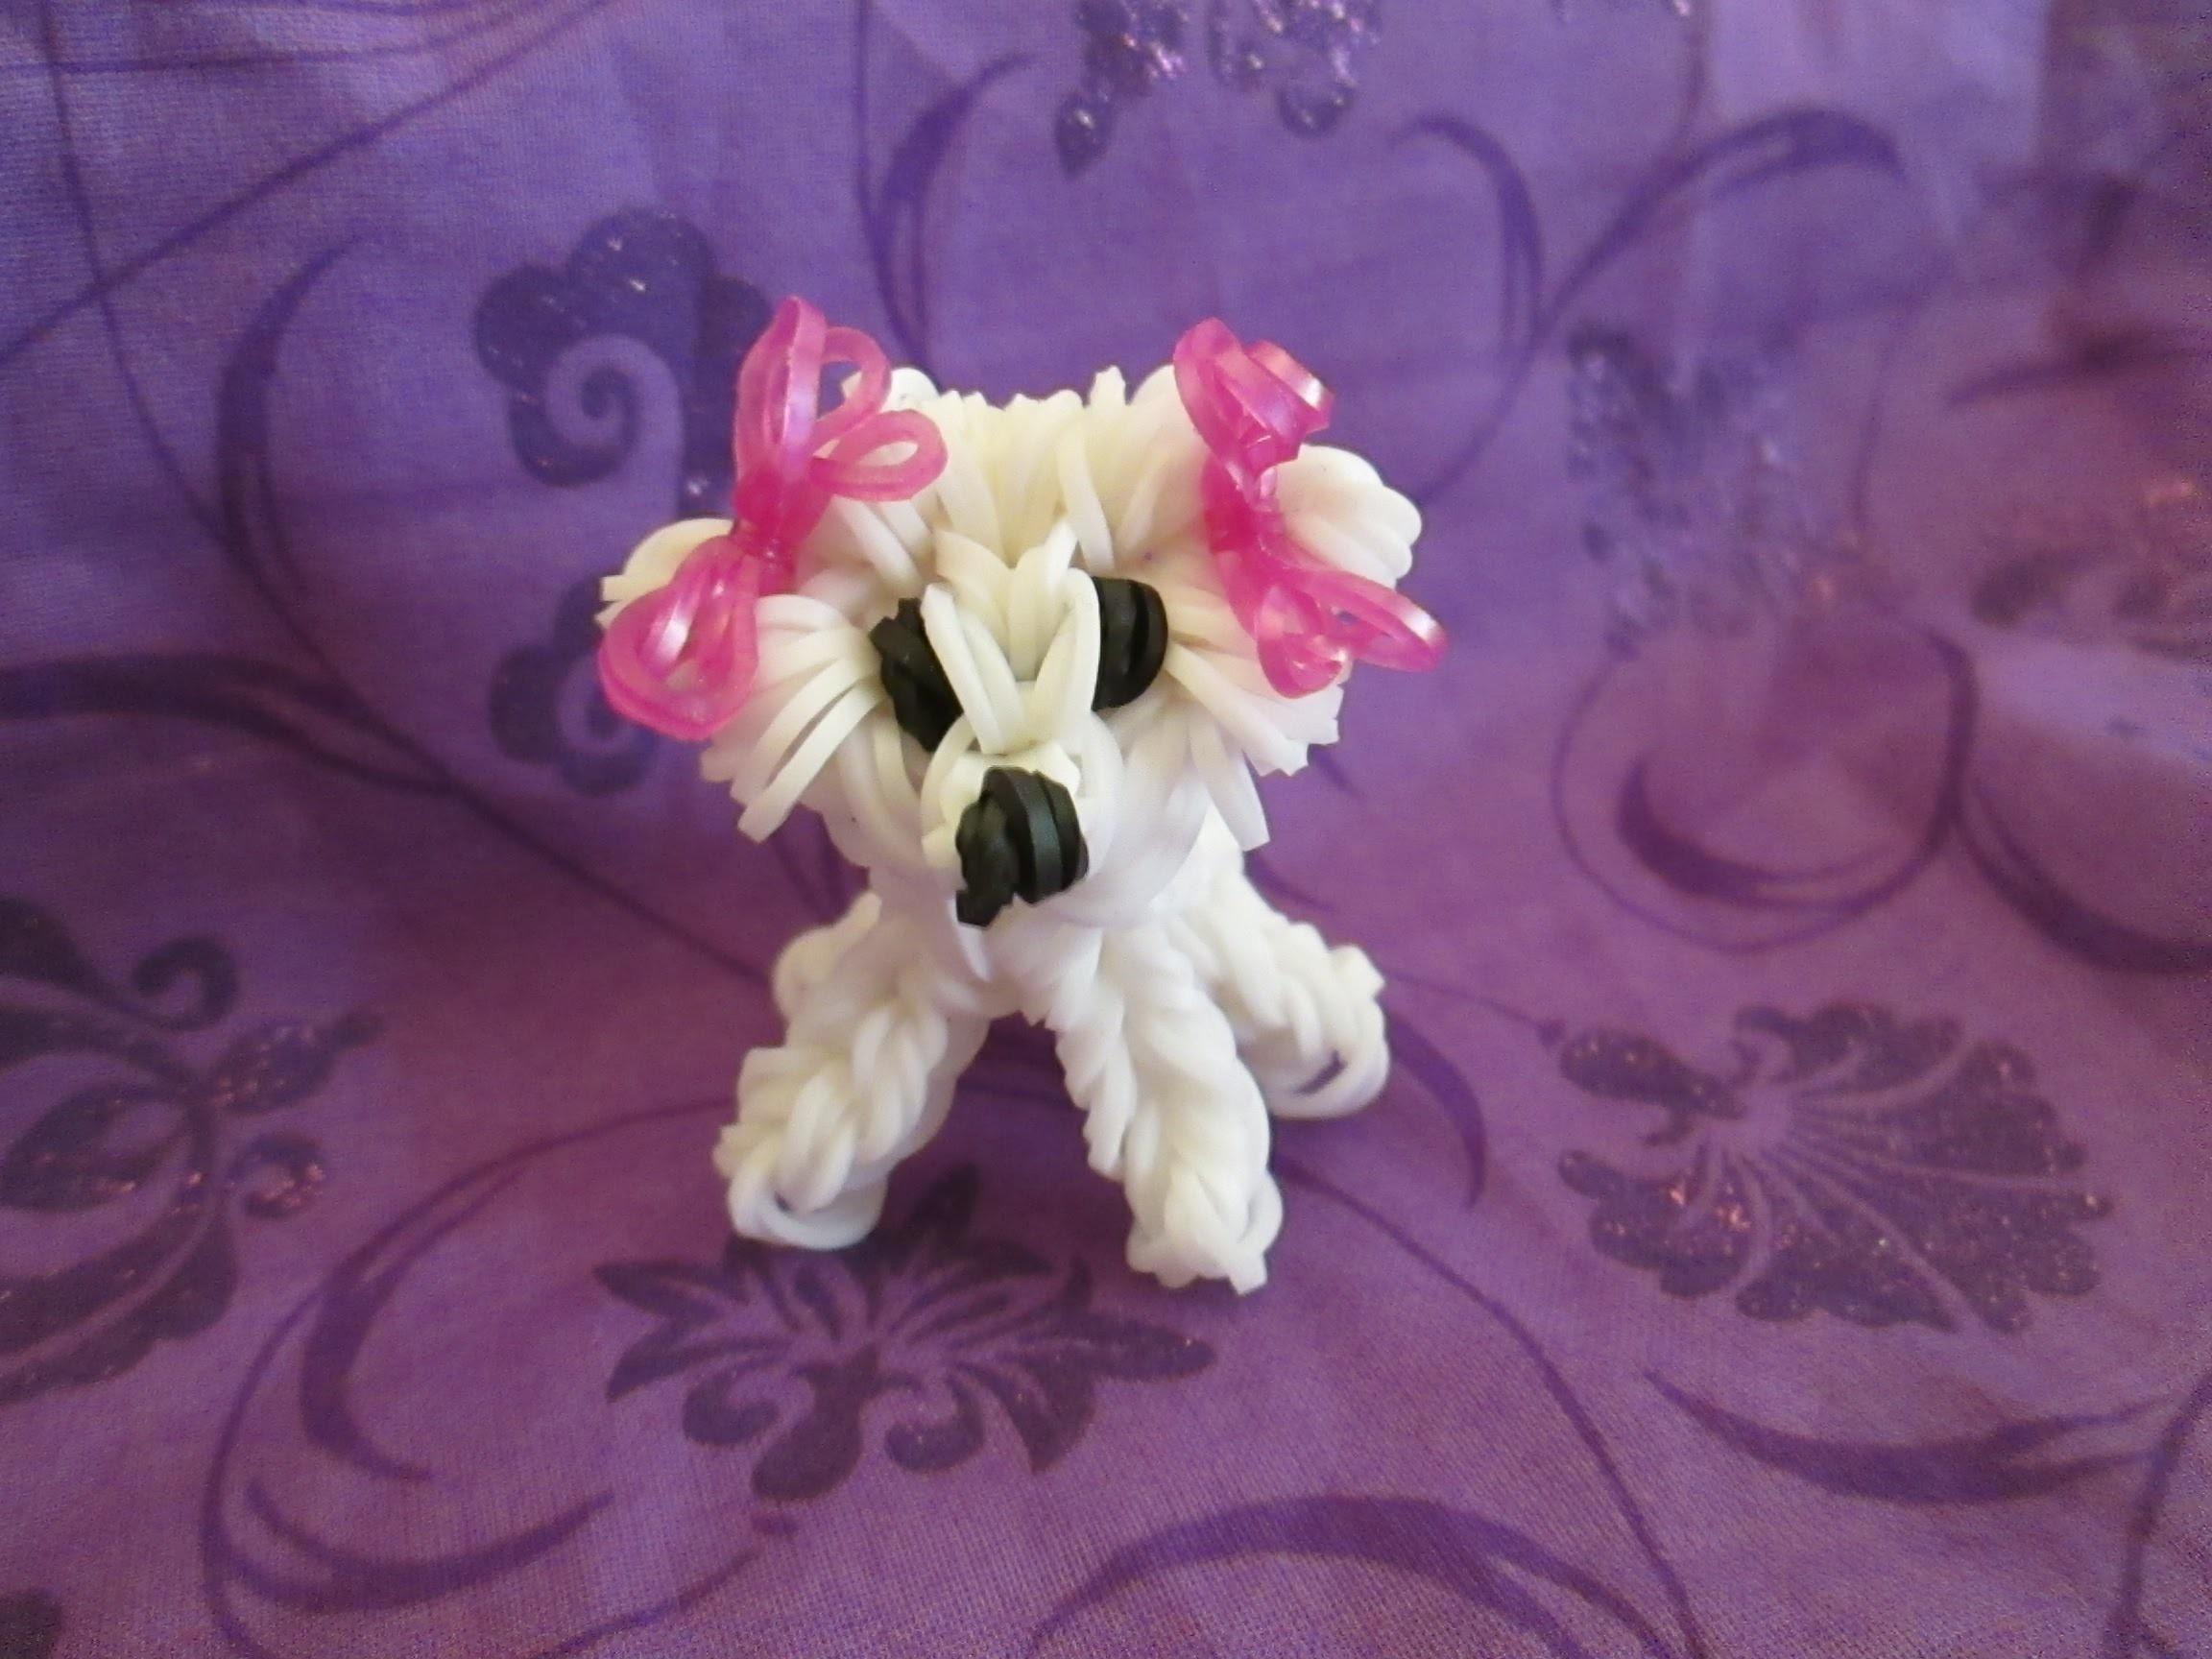 Rainbow Loom Bichon Frise Dog or Puppy Charm. 3-D CAGNOLINO.CANE 3D Con Elastici